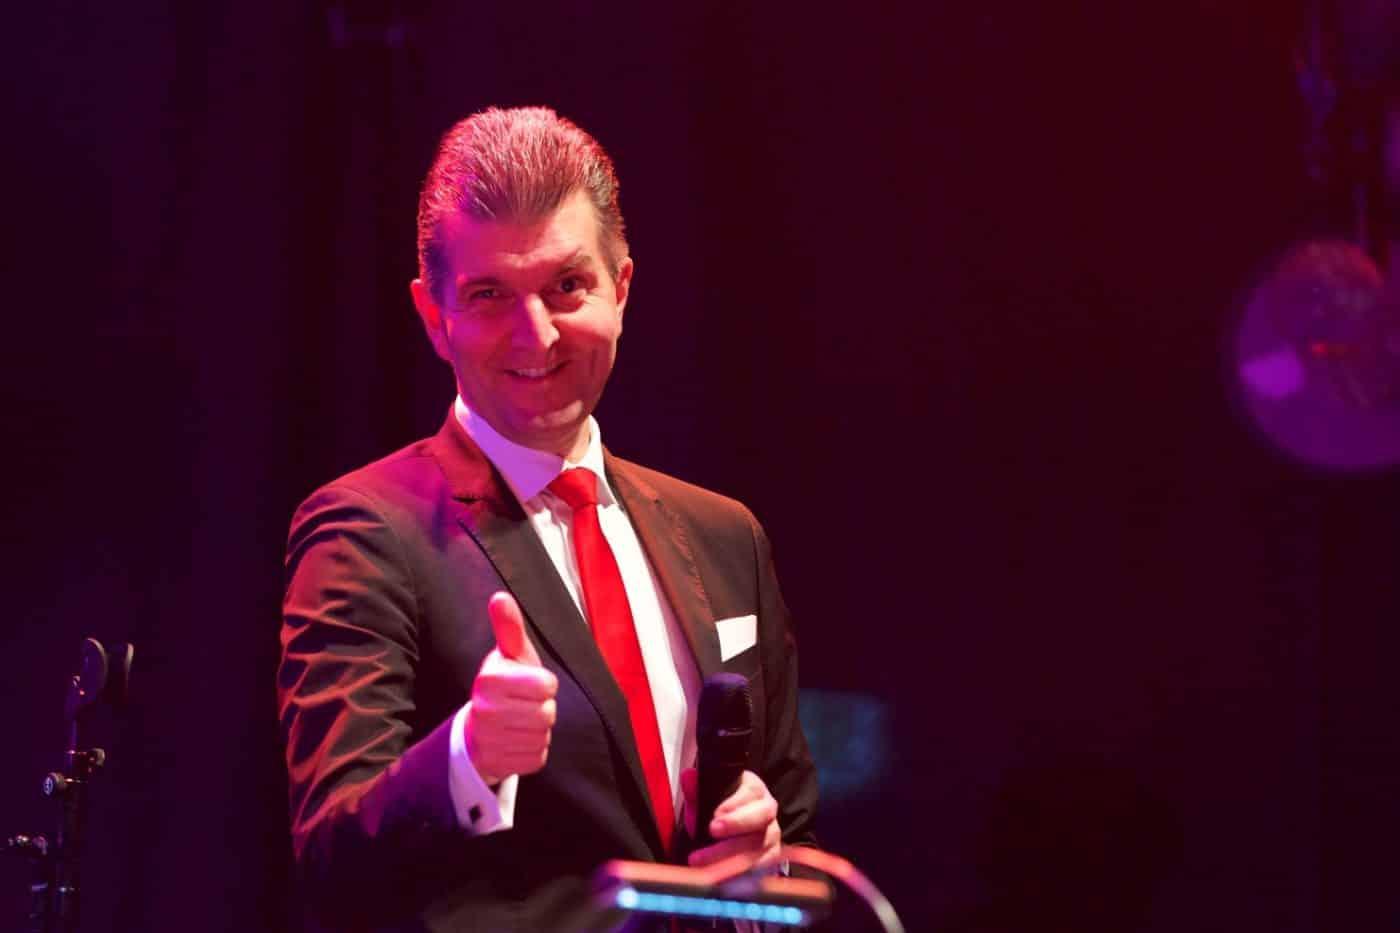 Max Steinbach freut sich, dass die STEINBACH Band auf dieser Firmenfeier begeistern kann.